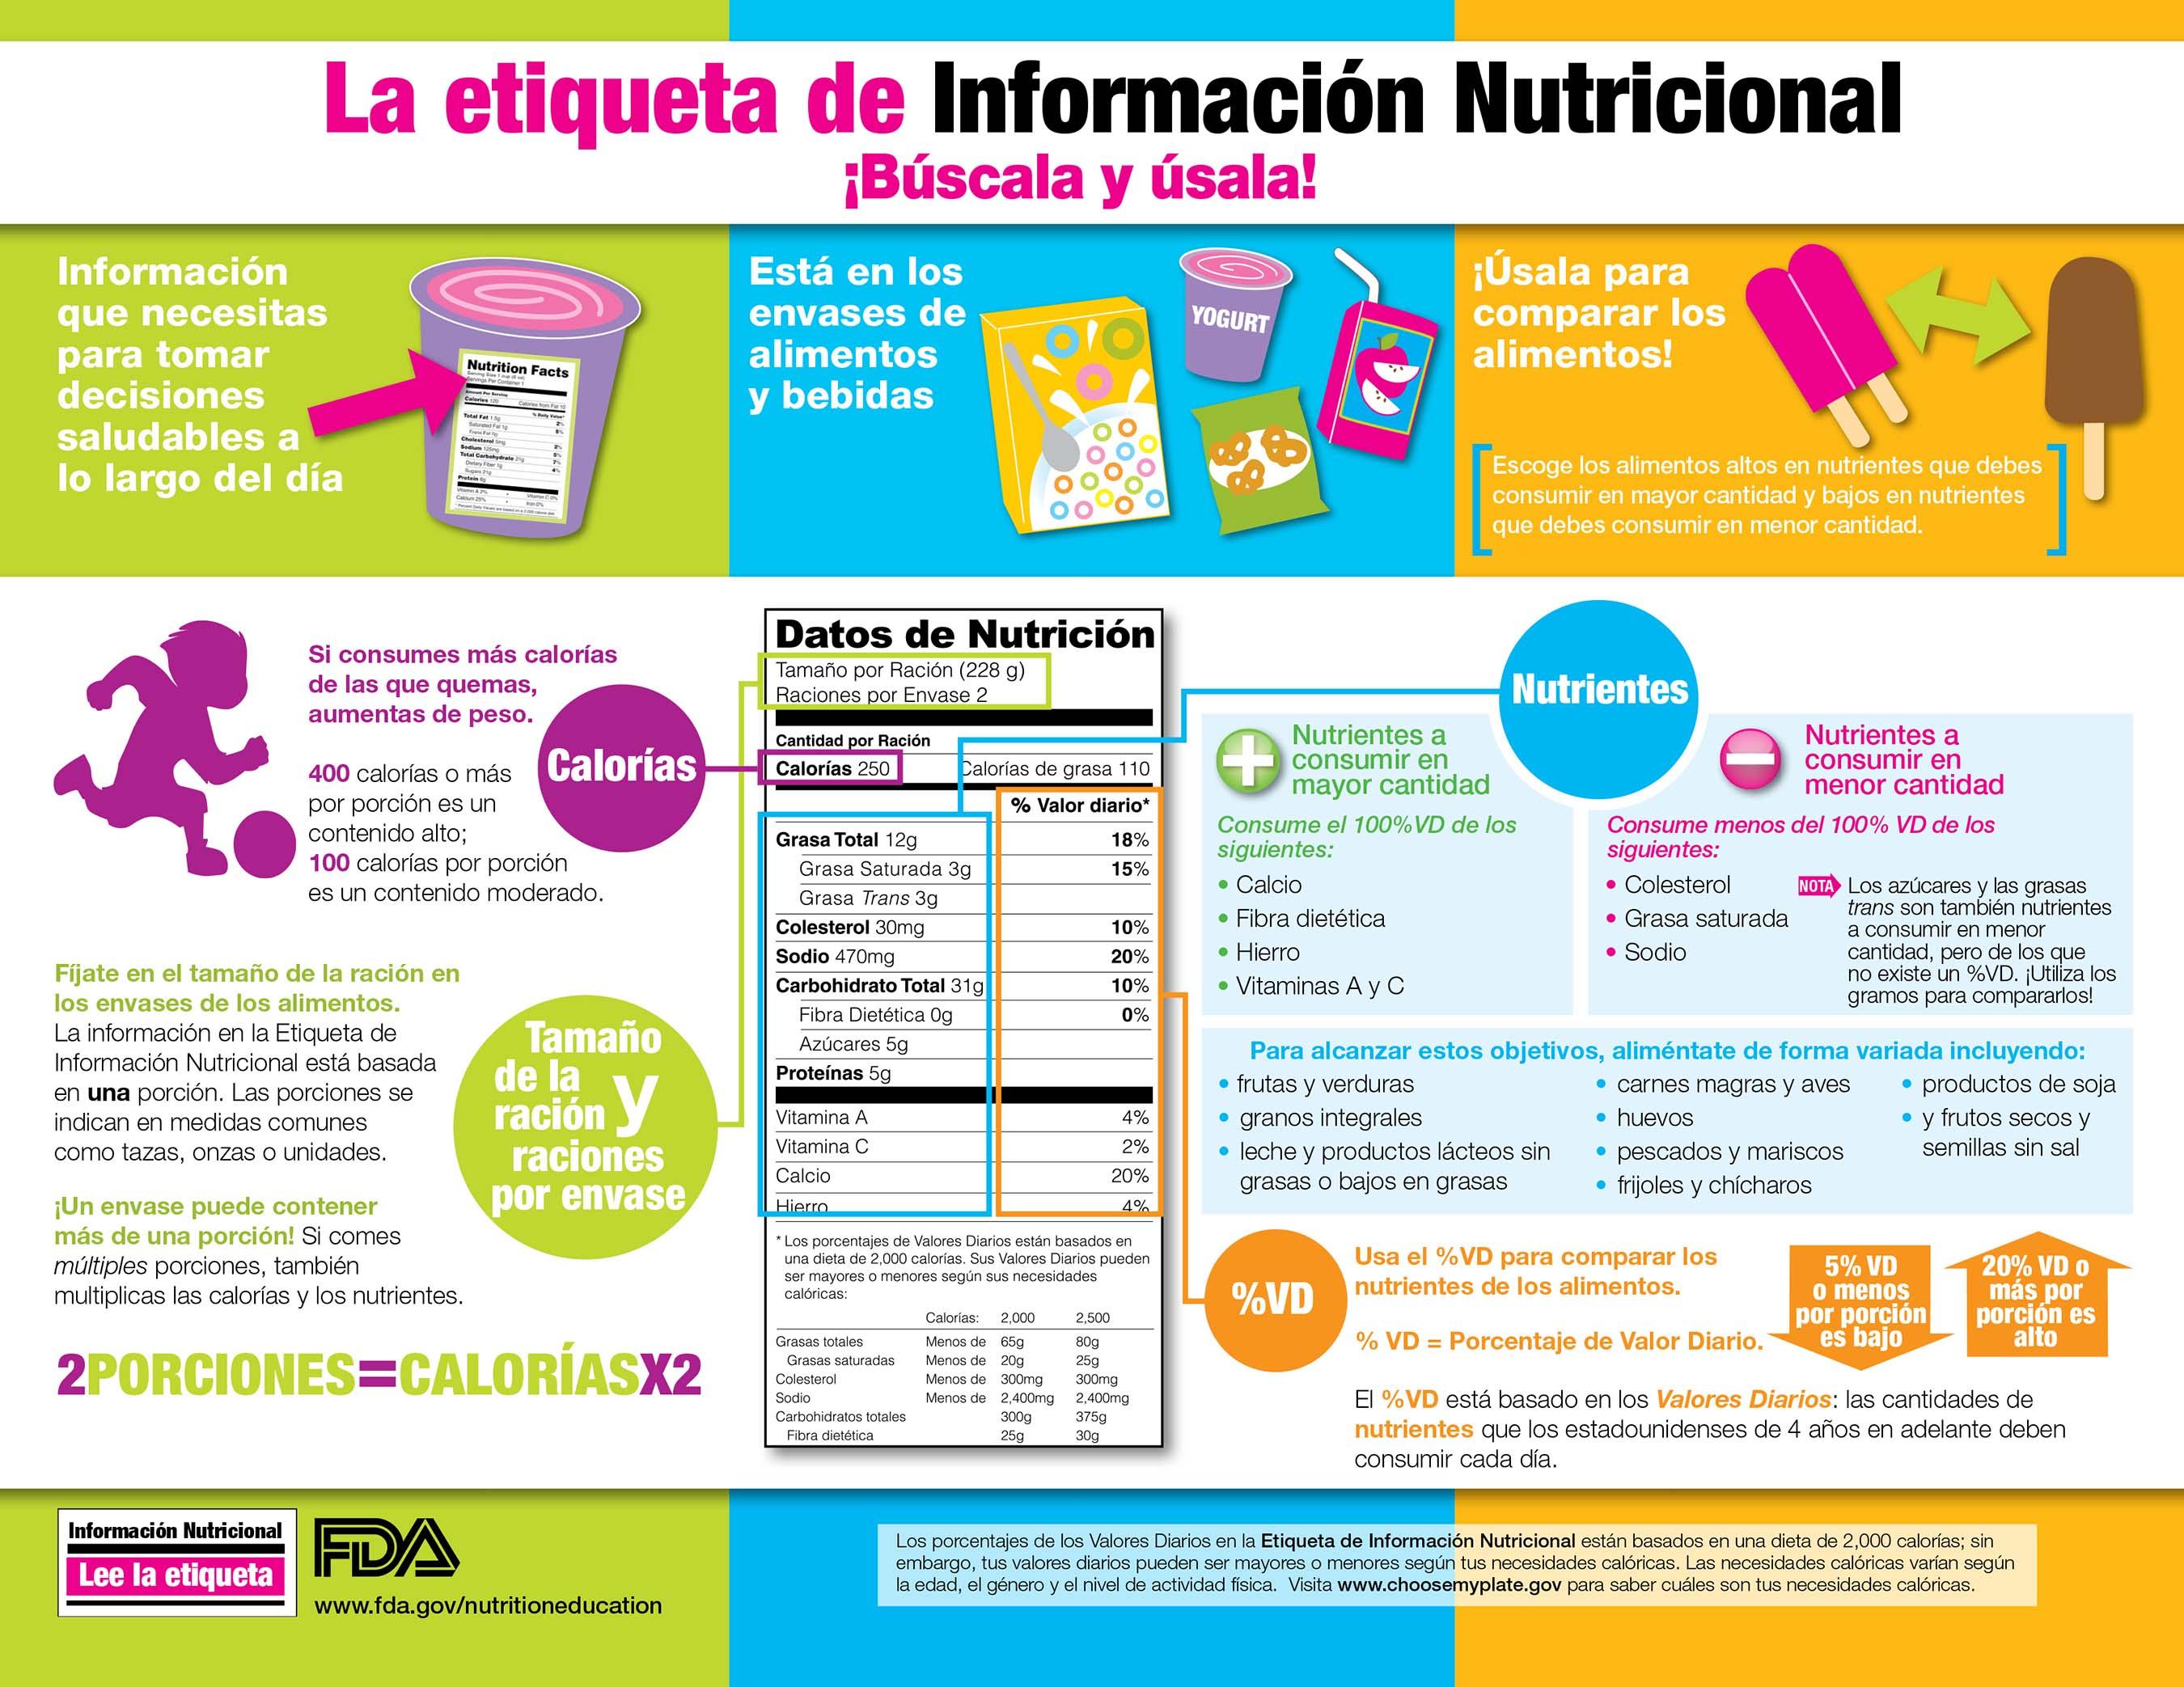 La fda ayuda a los ni os a leer las etiquetas - Contenido nutricional de los alimentos ...